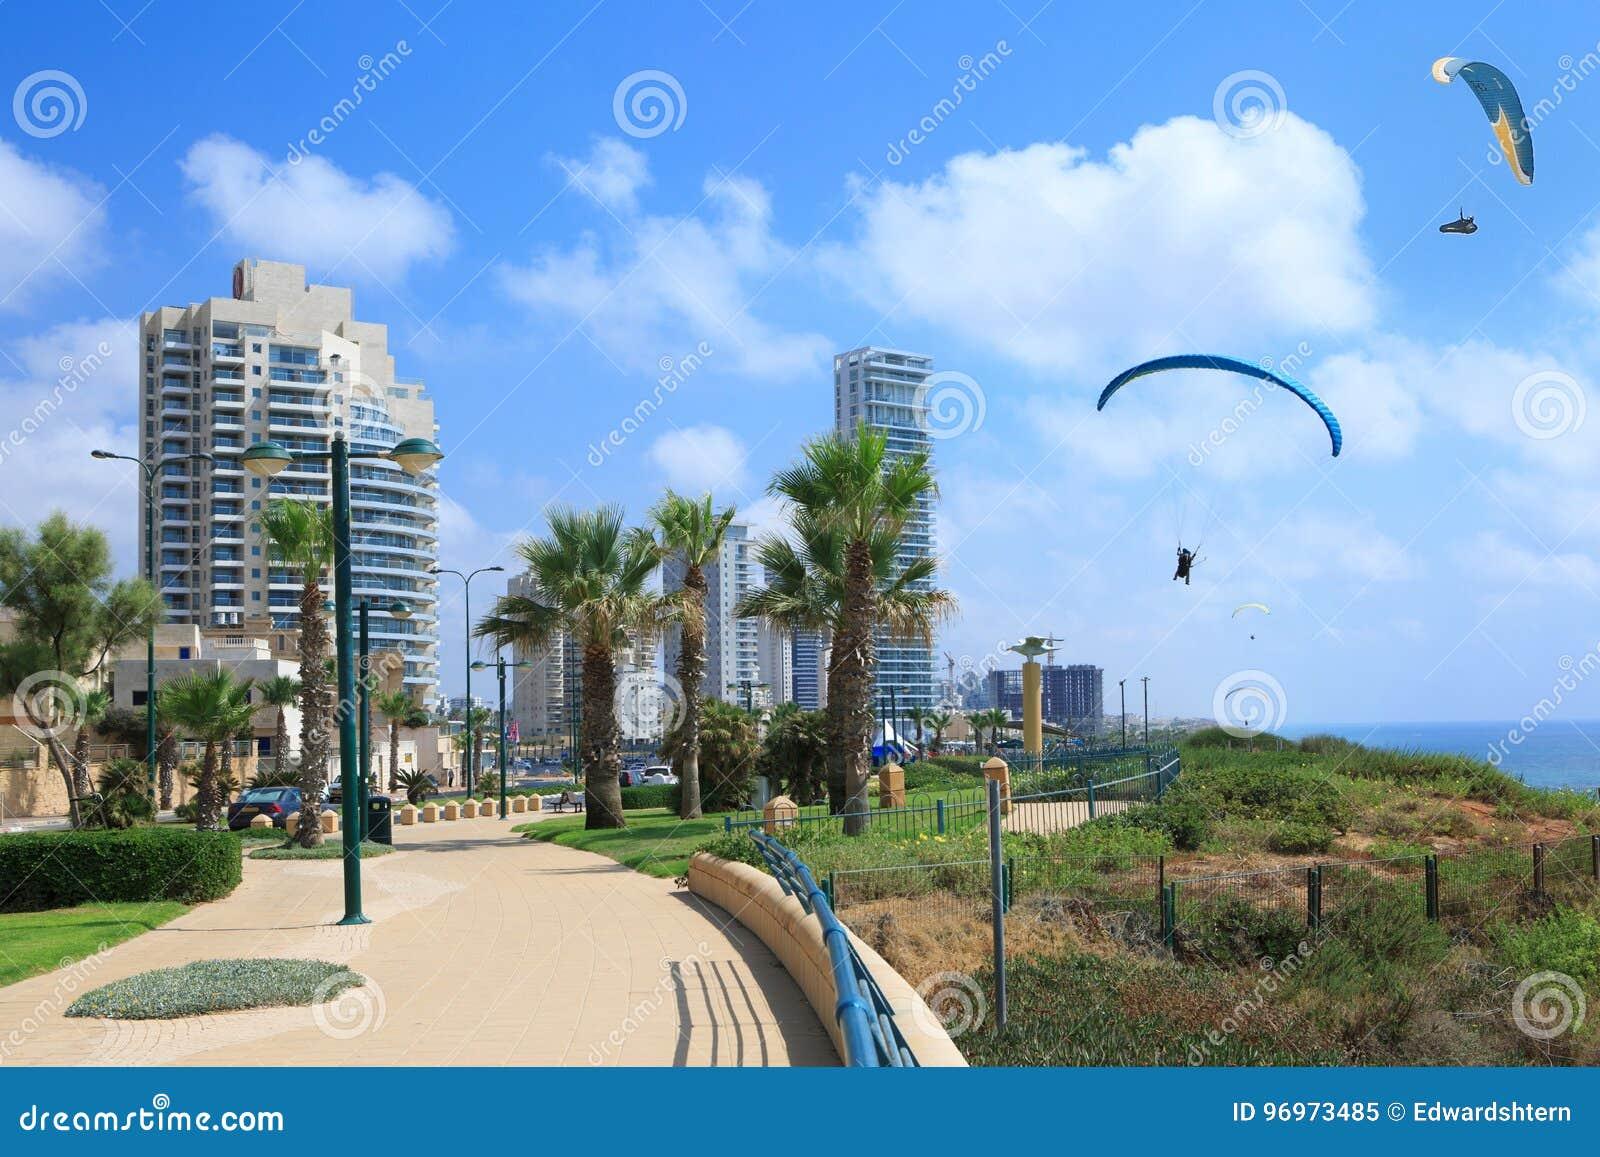 Παραλία Netania Δείτε τα ανεμόπτερα στον ουρανό